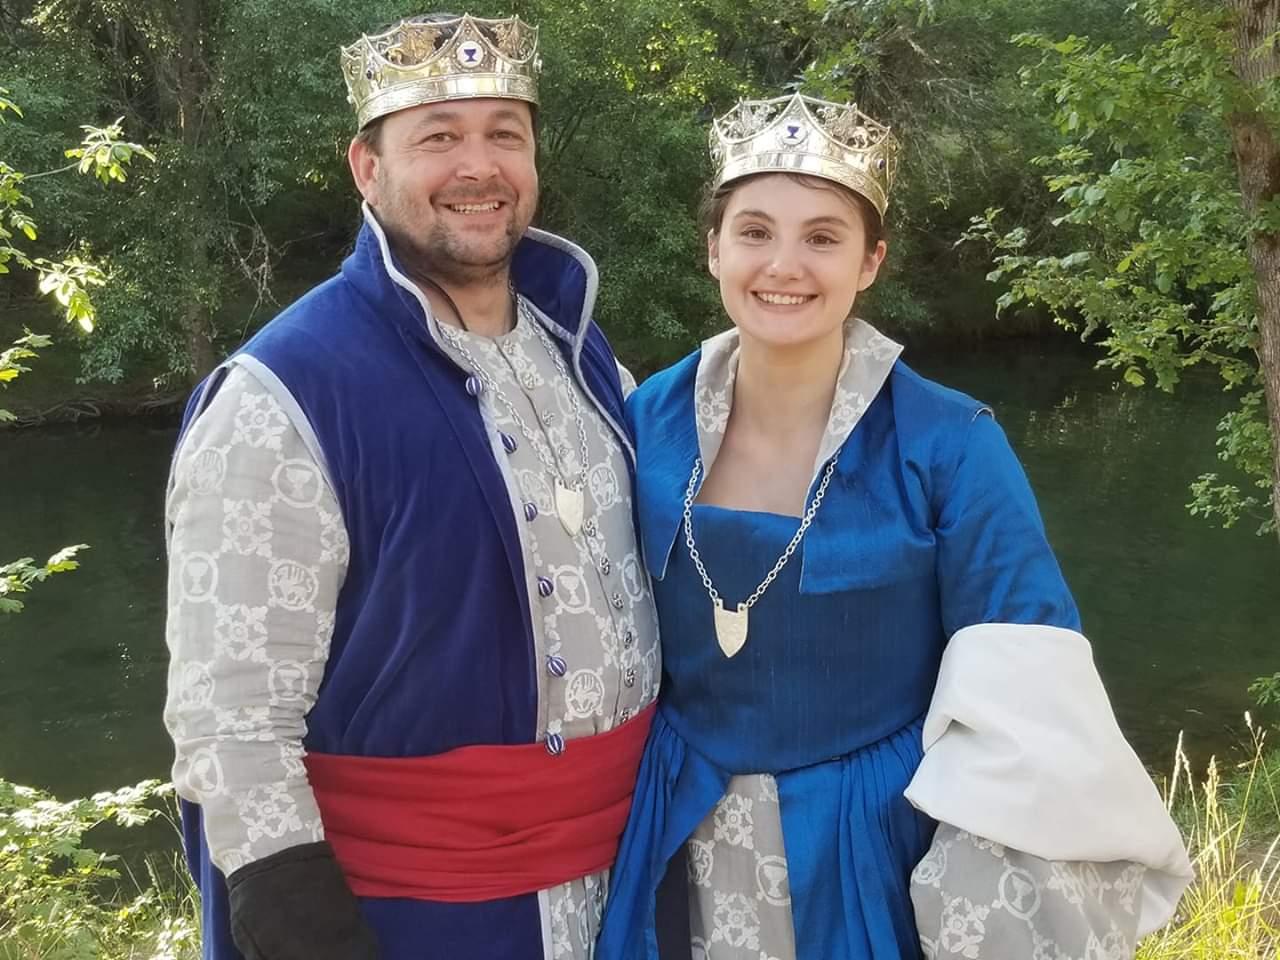 Prince Antoin and Princess Kathren